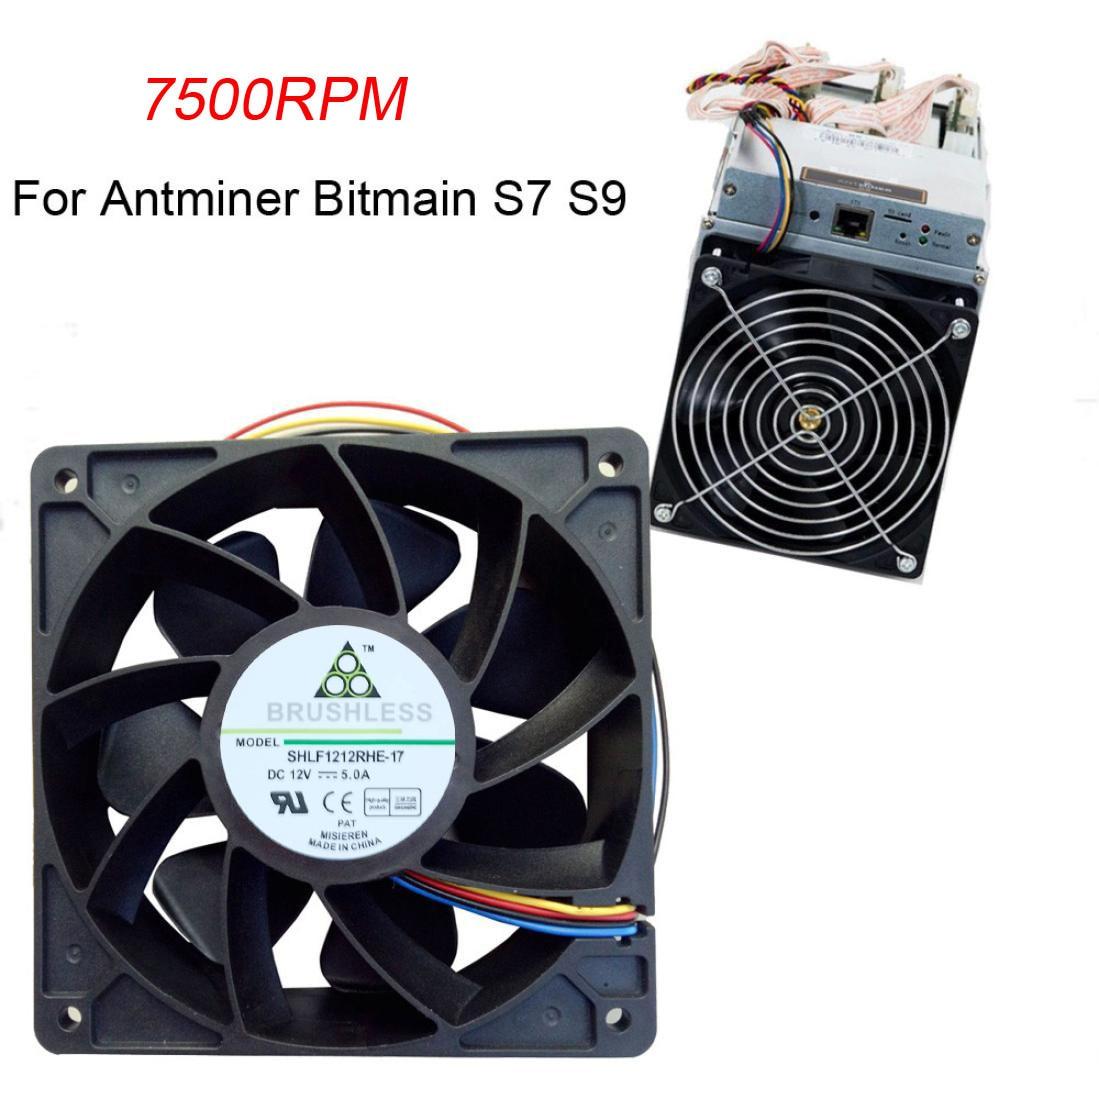 Mini computadora Mini ventiladores 7500RPM ventilador de refrigeración de repuesto 4-pin conector para Antminer Bitmain S7 S9 caída caliente envío G20